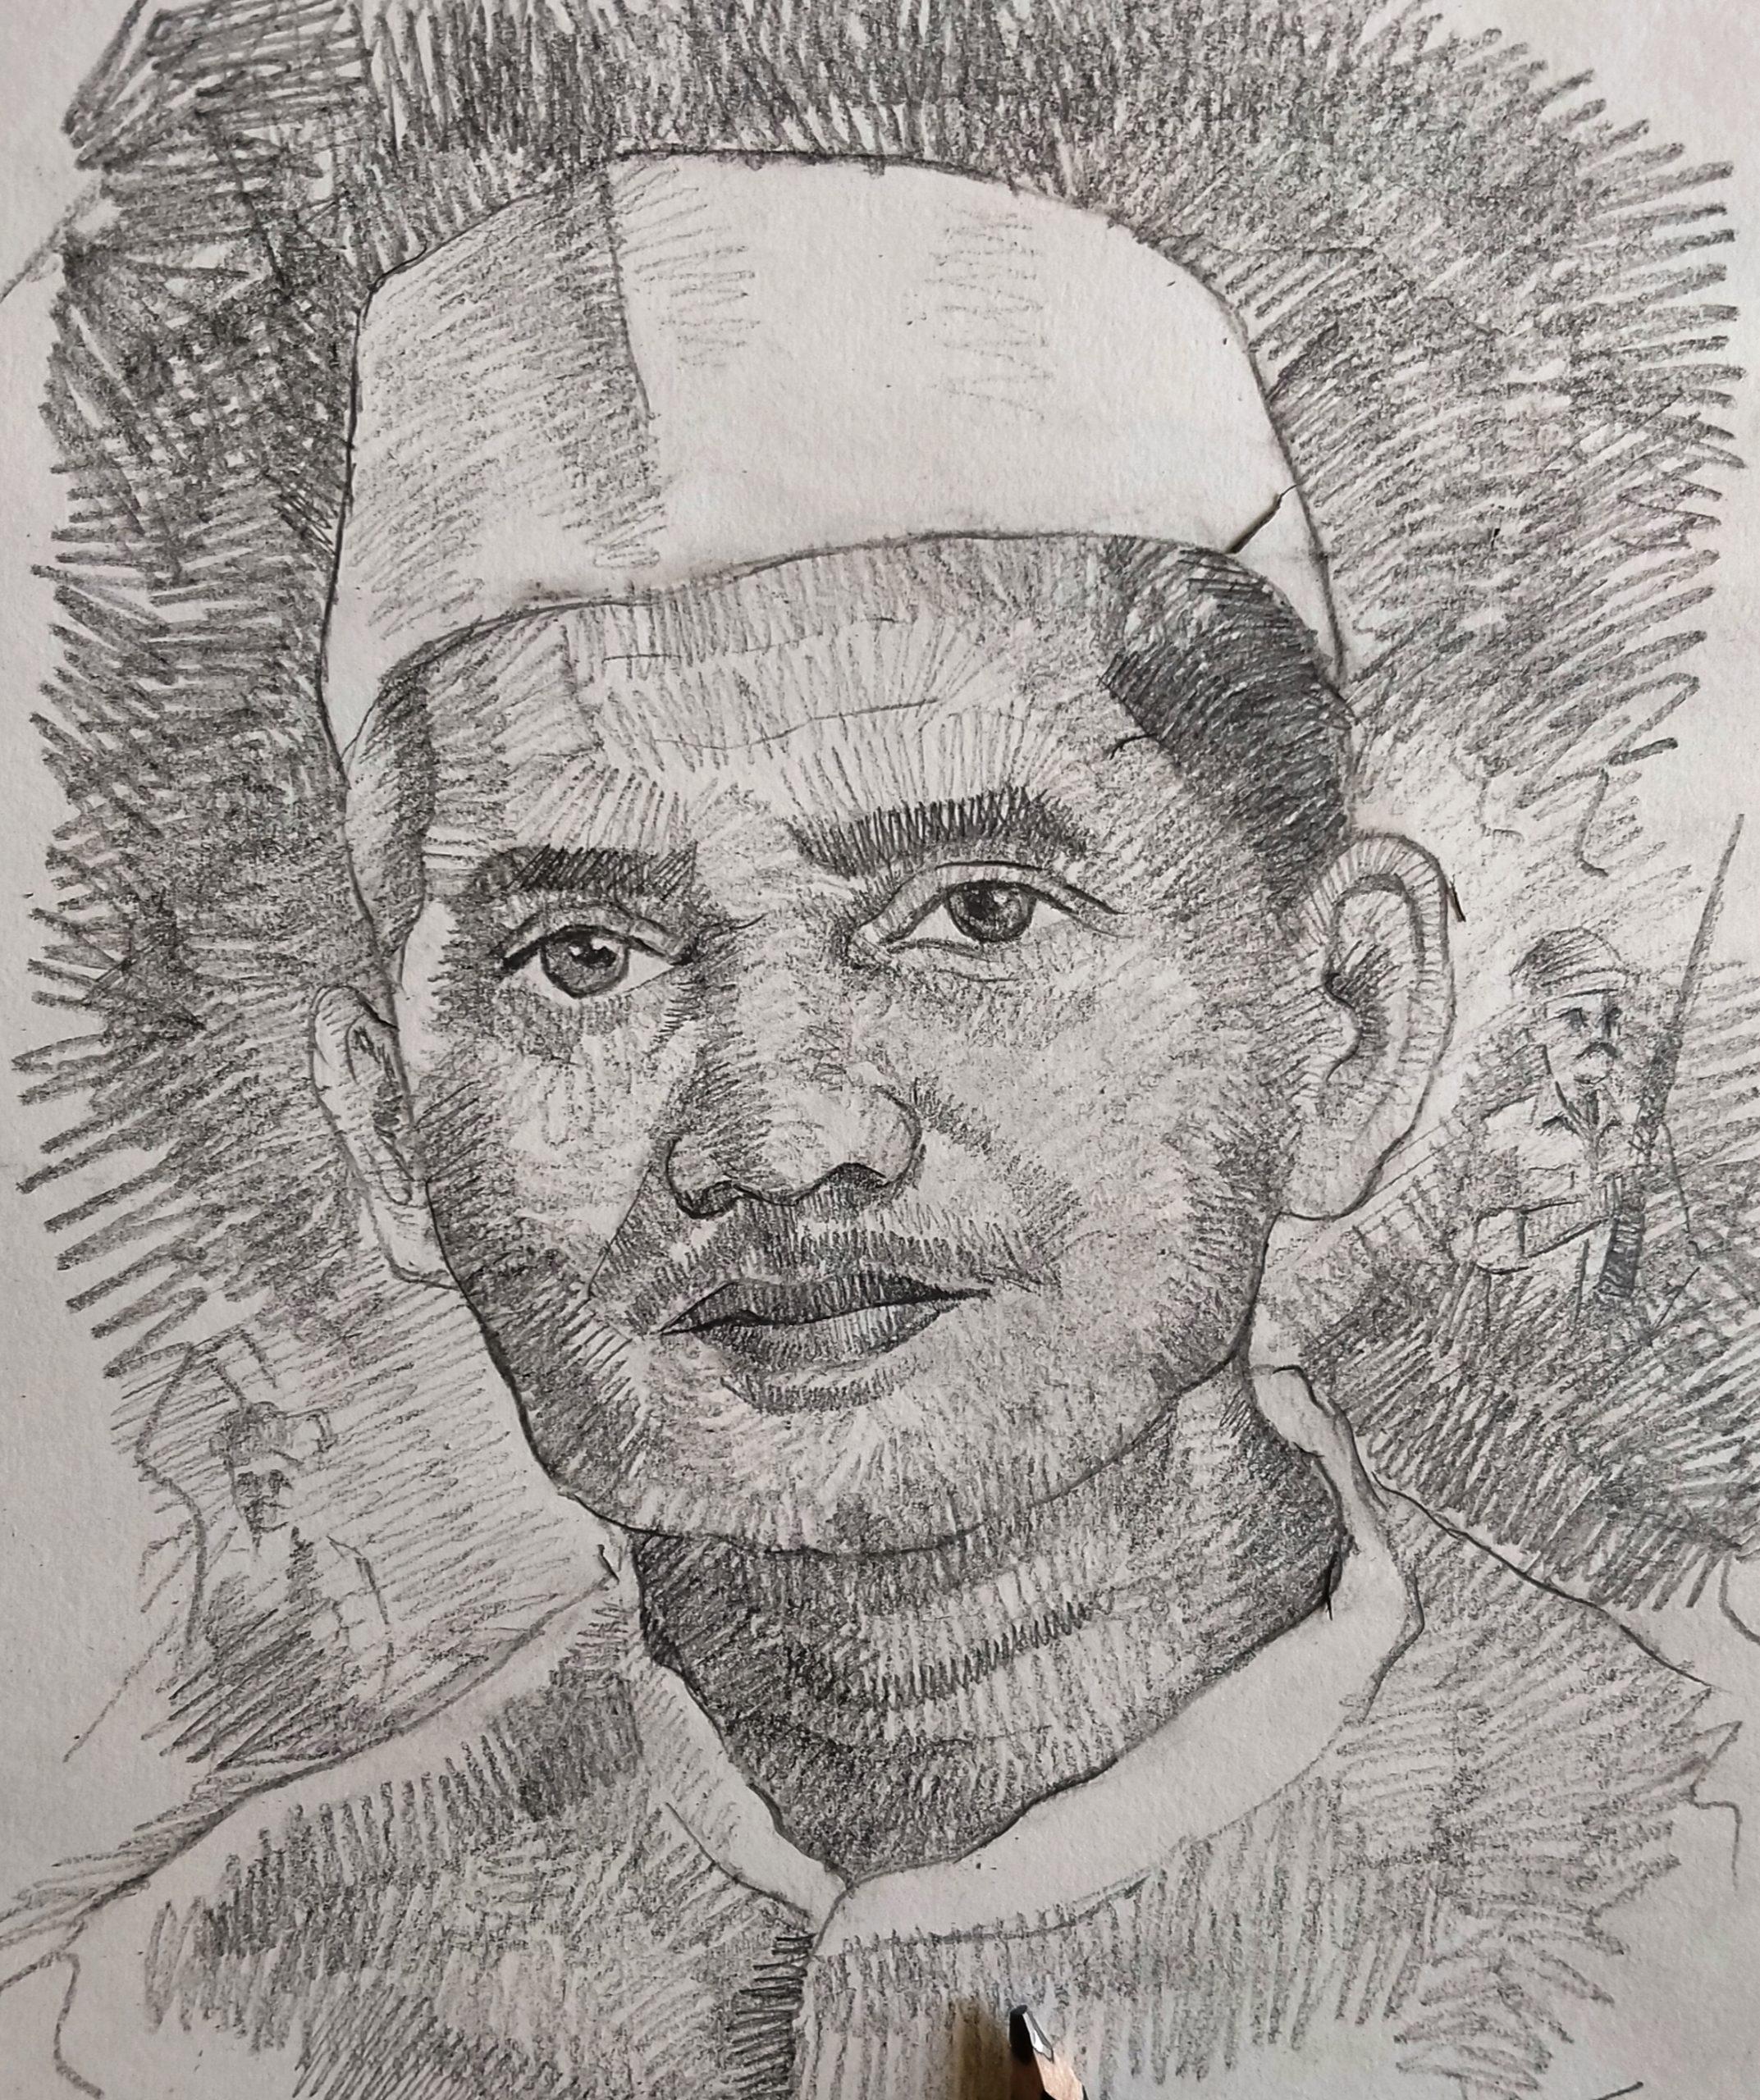 Lal Bahadur Shastri portrait